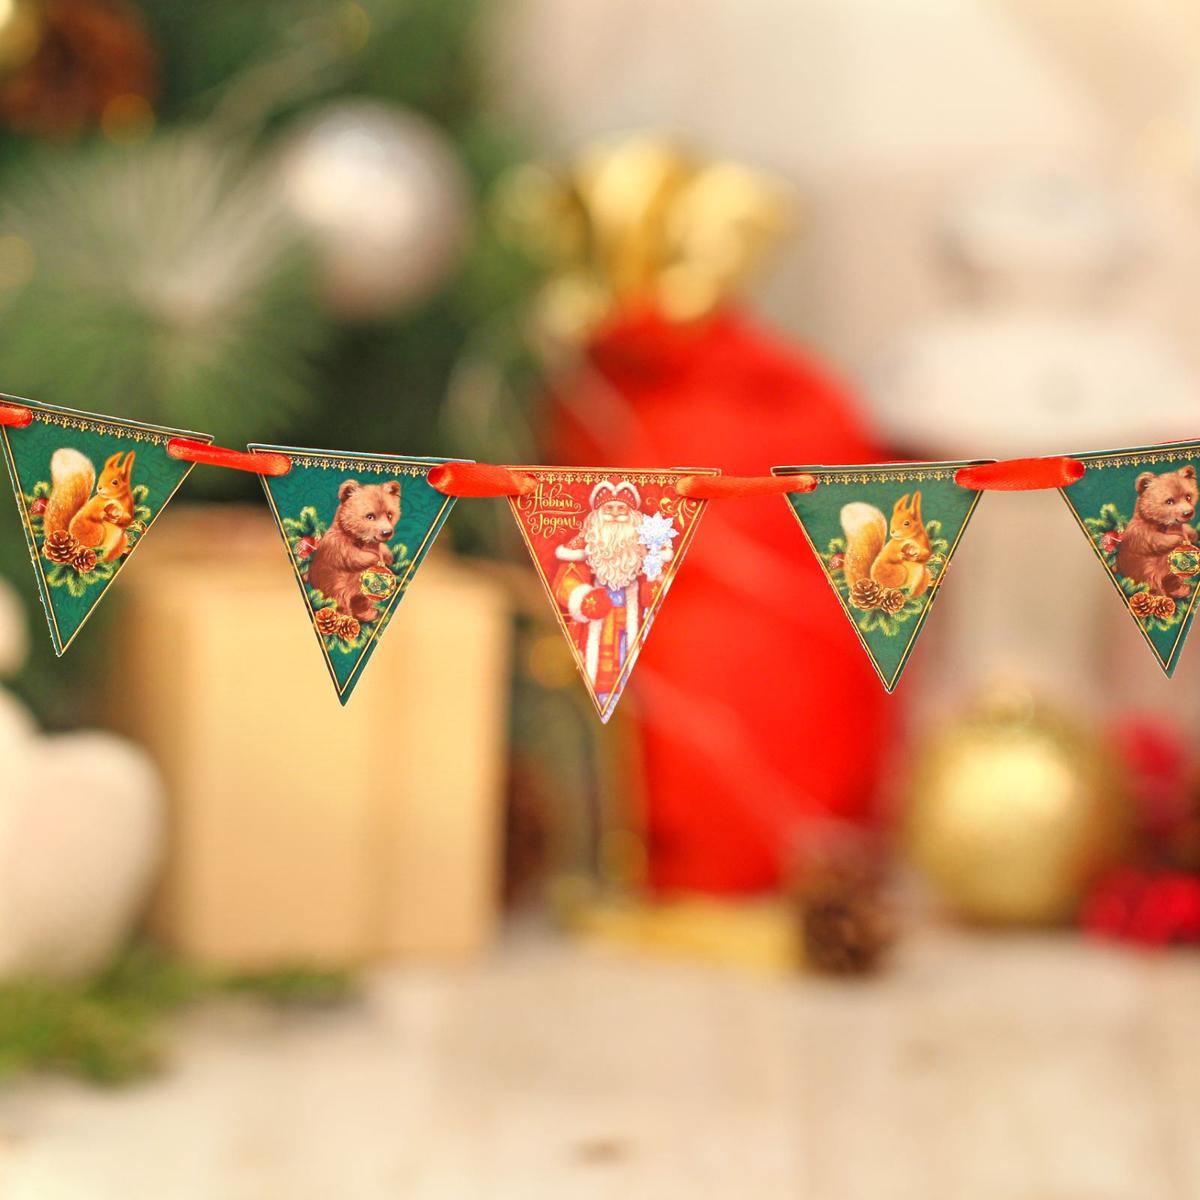 Гирлянда Медведь, 7,7 х 9 см, длина 2 м2268896Оформление — важная часть любого торжества, особенно Нового года. Яркие украшения для интерьера создадут особую атмосферу в вашем доме и подарят радость. Гирлянда придется по душе каждому. Подвесьте ее в комнате, и праздничное настроение не заставит себя ждать.